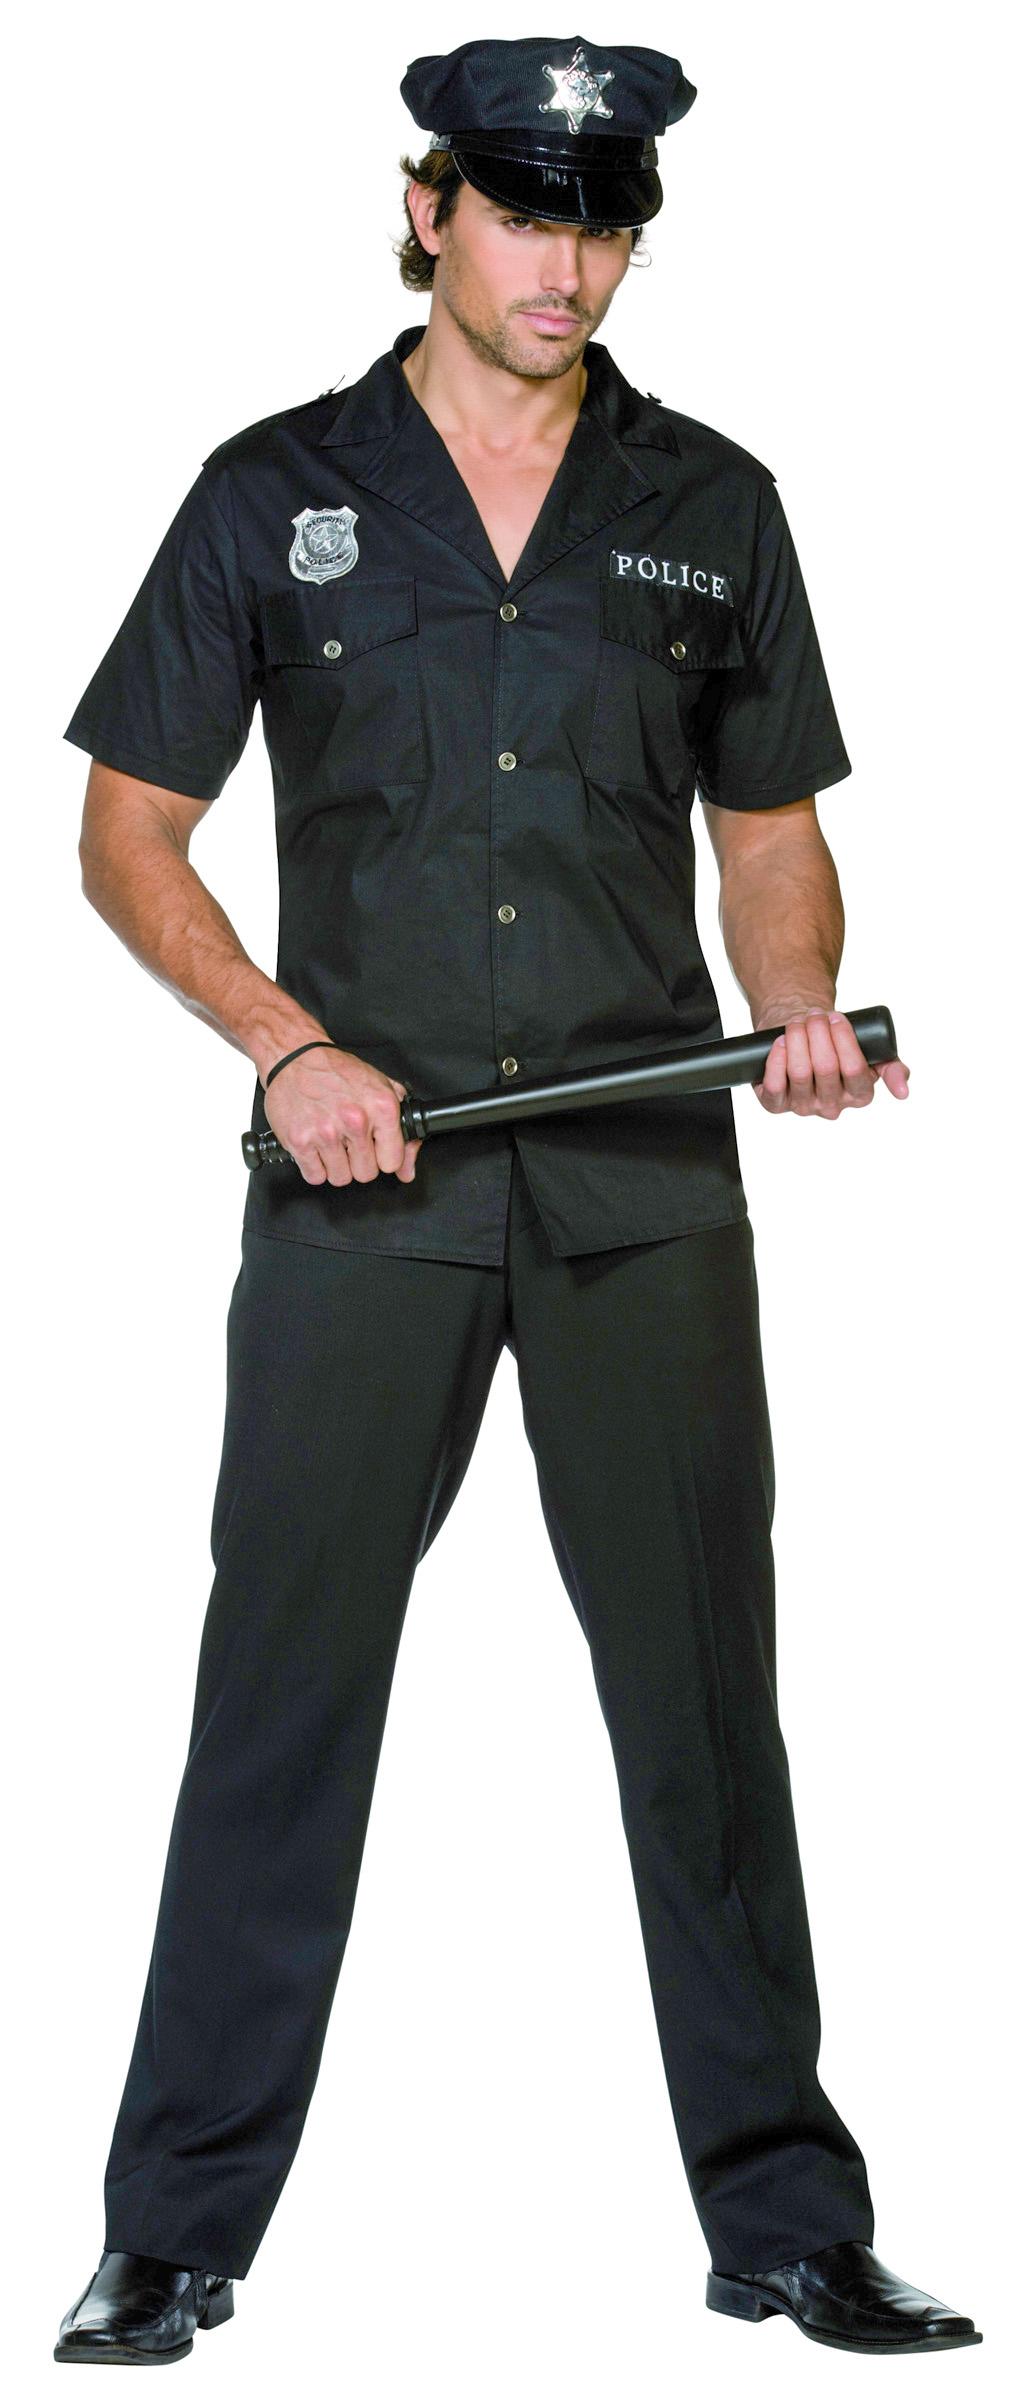 Polizei Kostum Polizist Schwarz Gunstige Faschings Kostume Bei